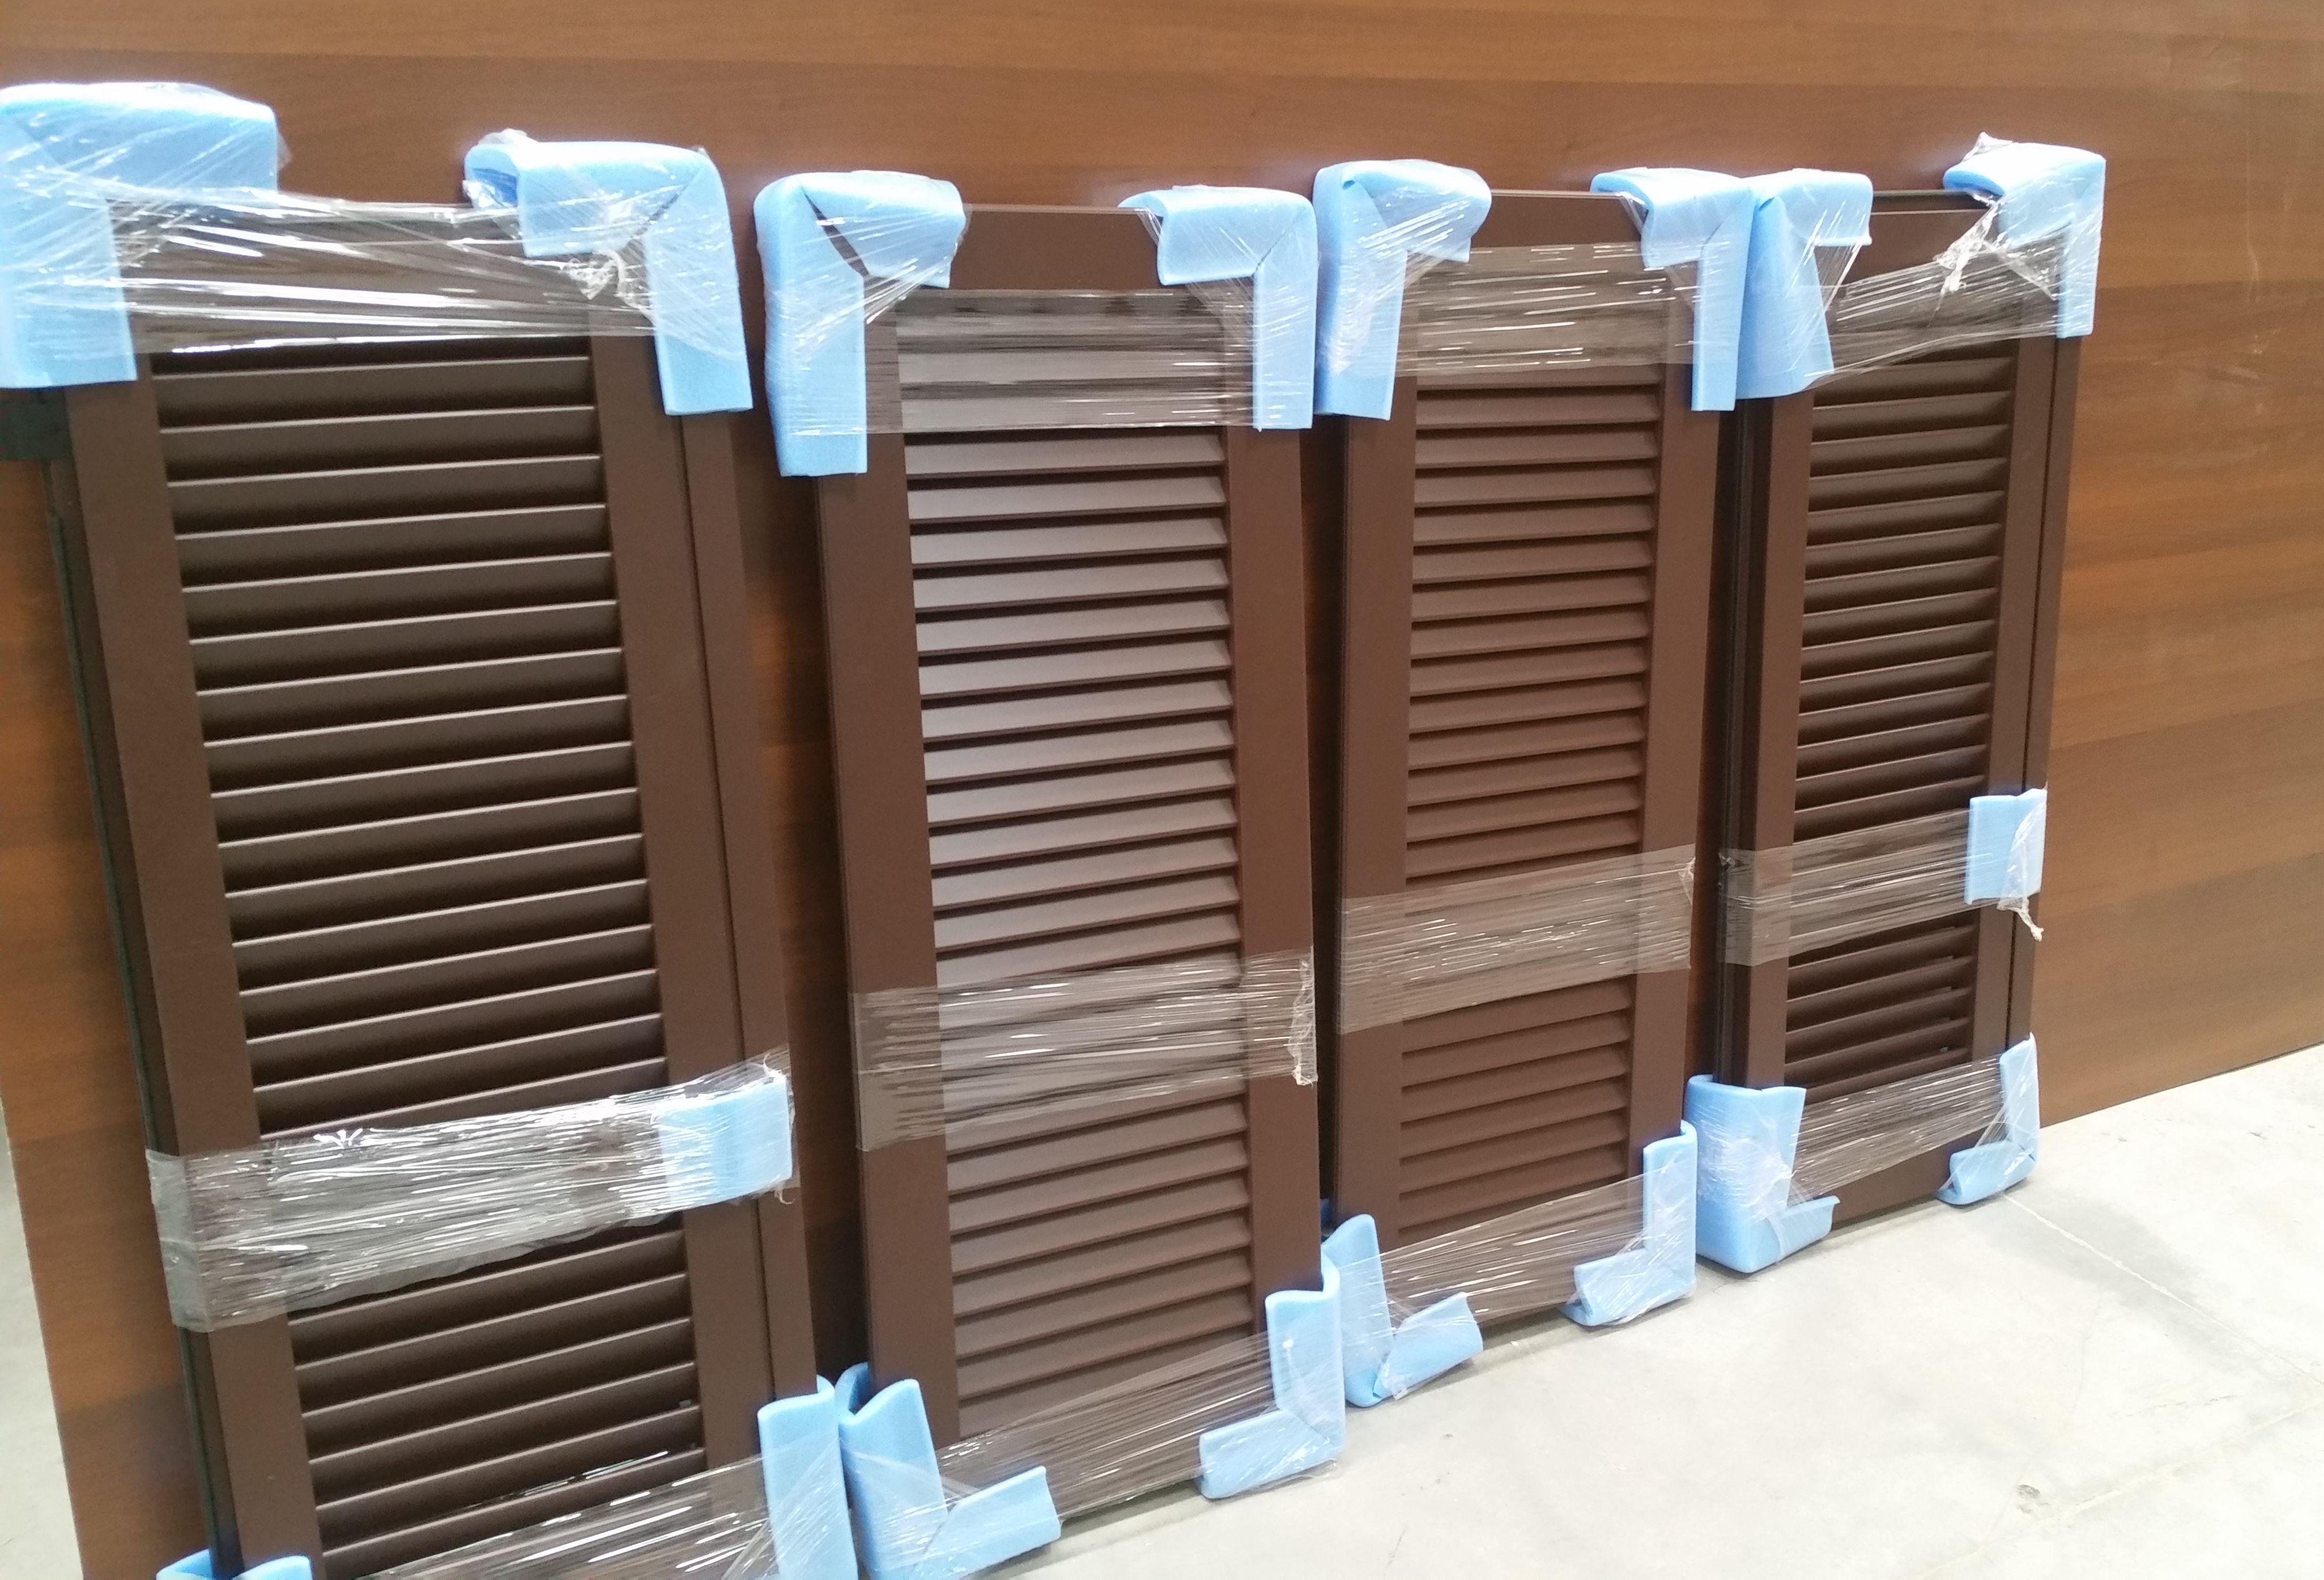 Persiane in legno usate finestre e persiane in legno for Finestre pvc usate